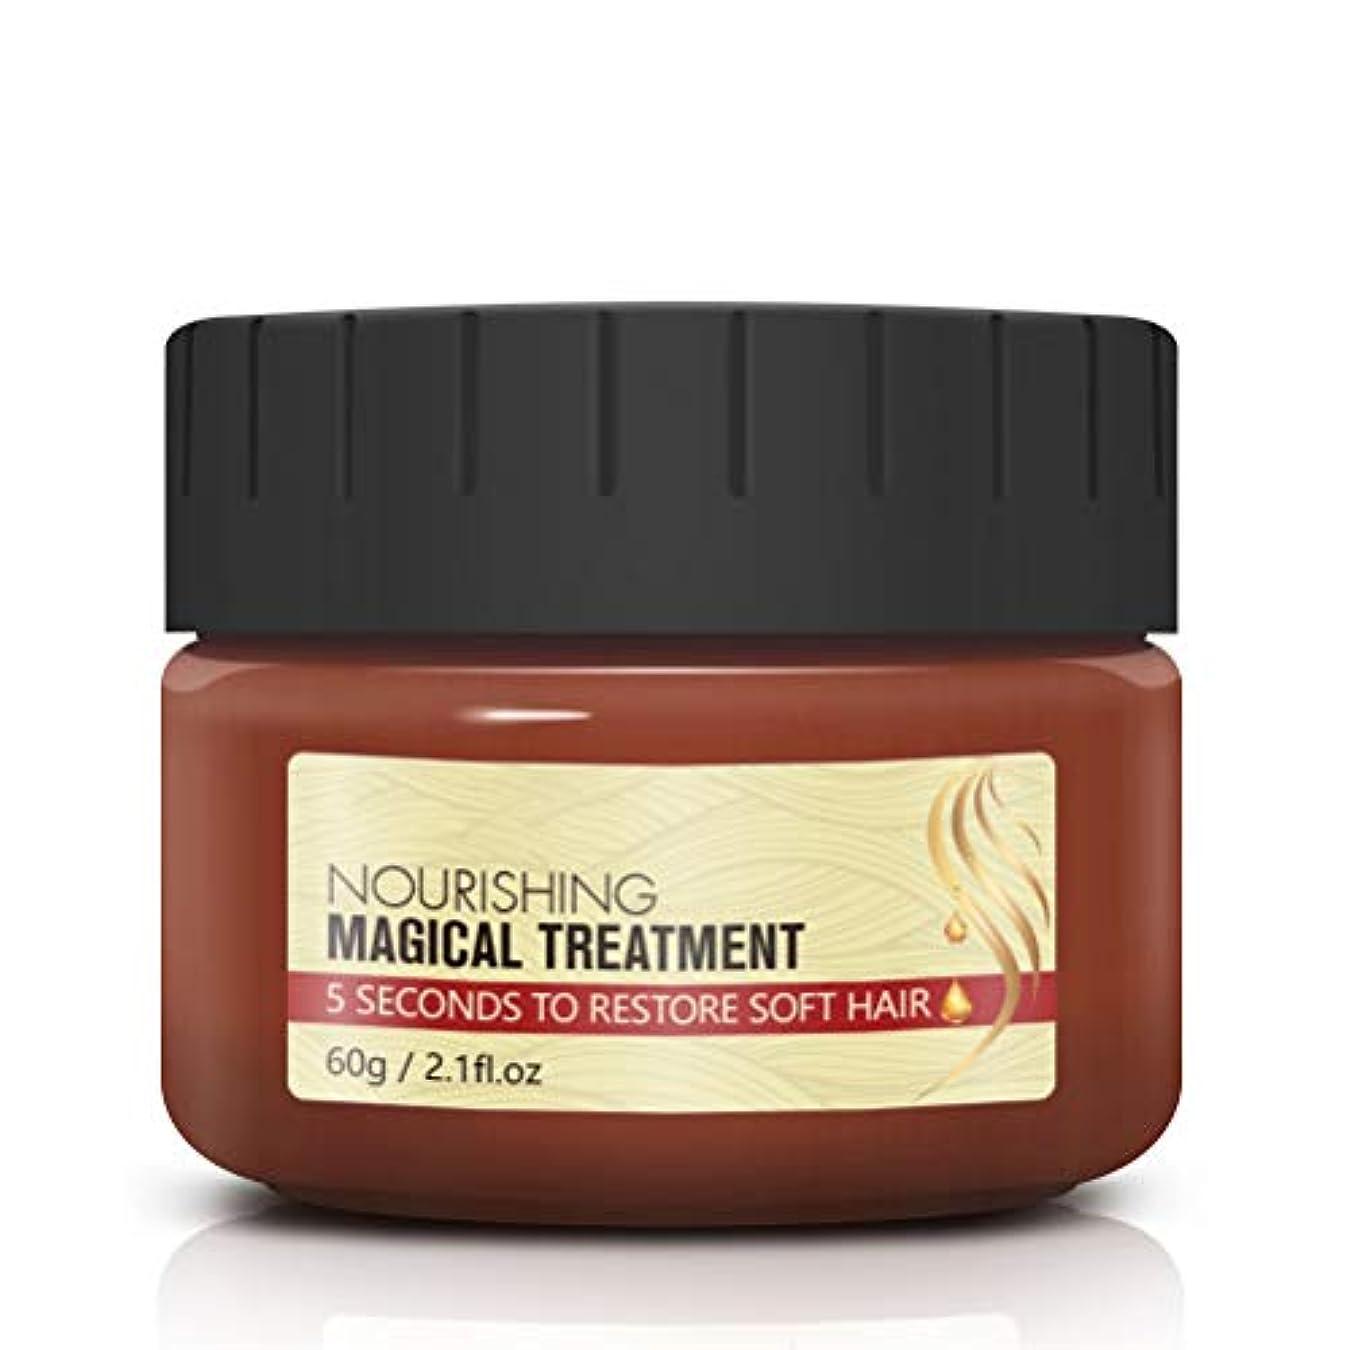 アレルギー残基ホテルライフ小屋 ヘアマスク ヘアケア修復保護 やわらか 栄養補給 乾燥毛髪 損傷毛髪 保湿 ヘアケアクリーム ヘア保護 傷んだ髪 修復 男女兼用